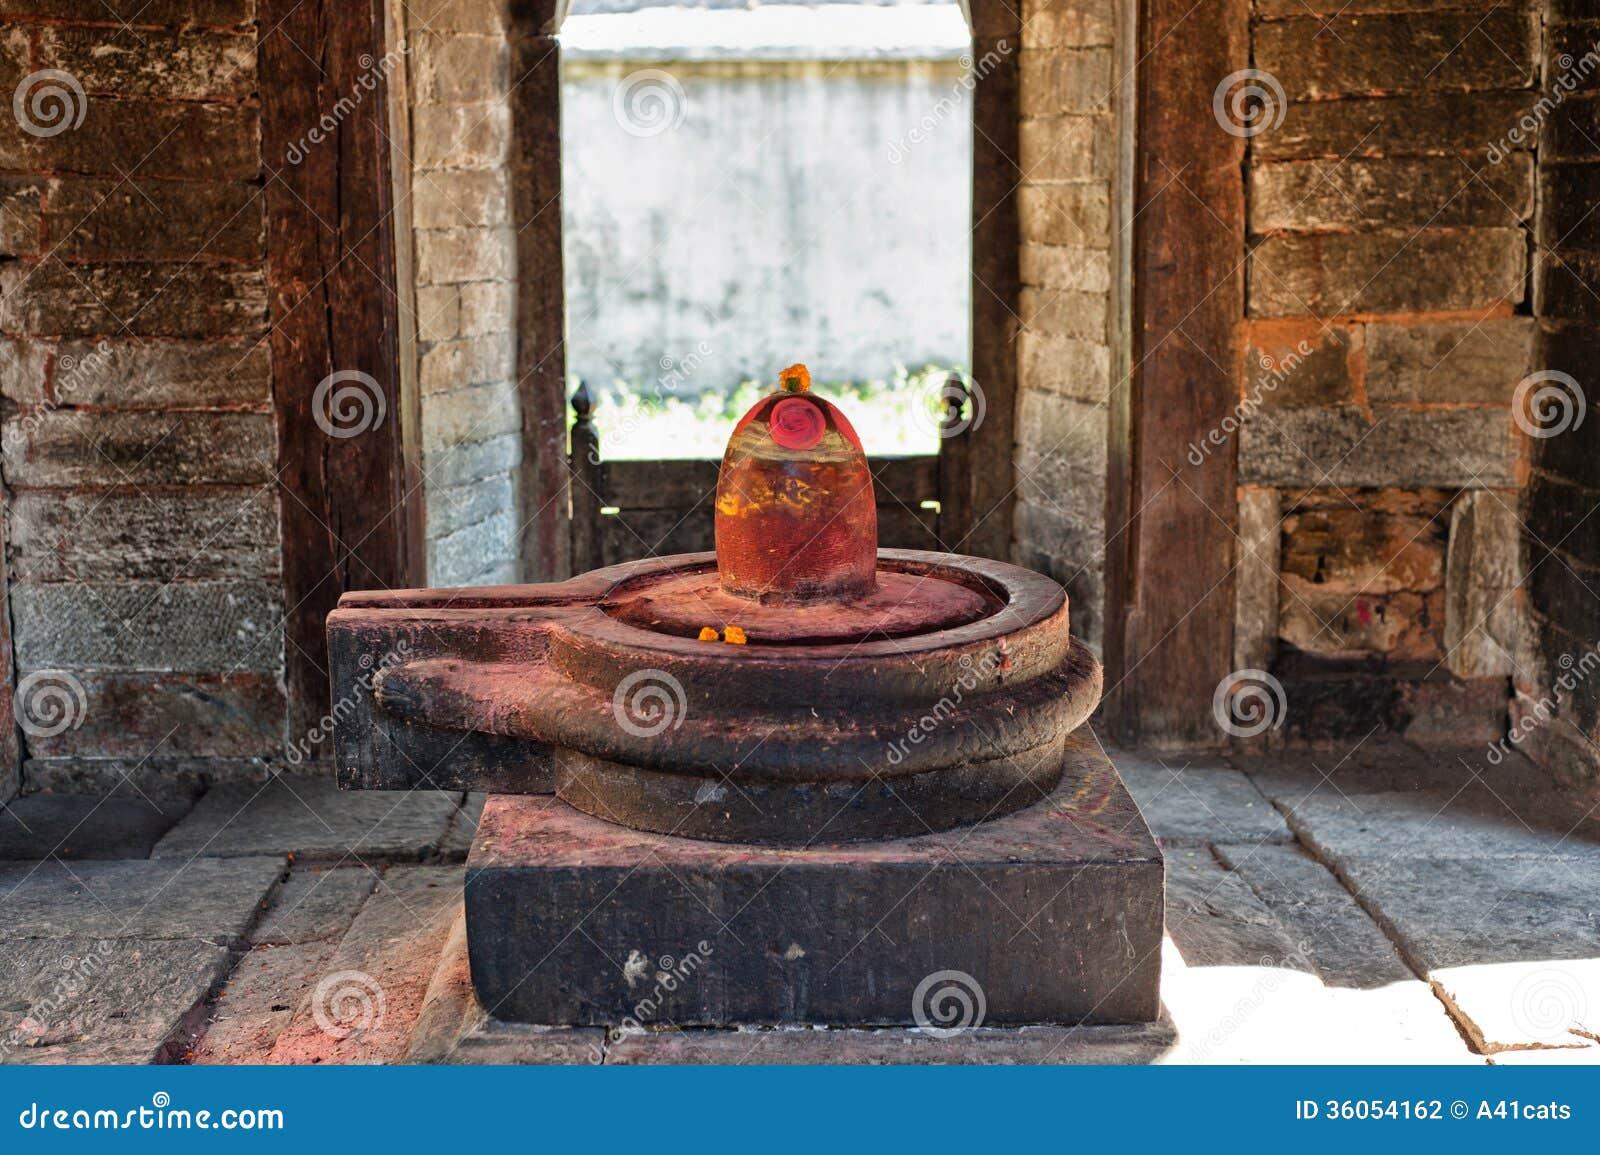 Shiva lingam of Pashupatinath temple